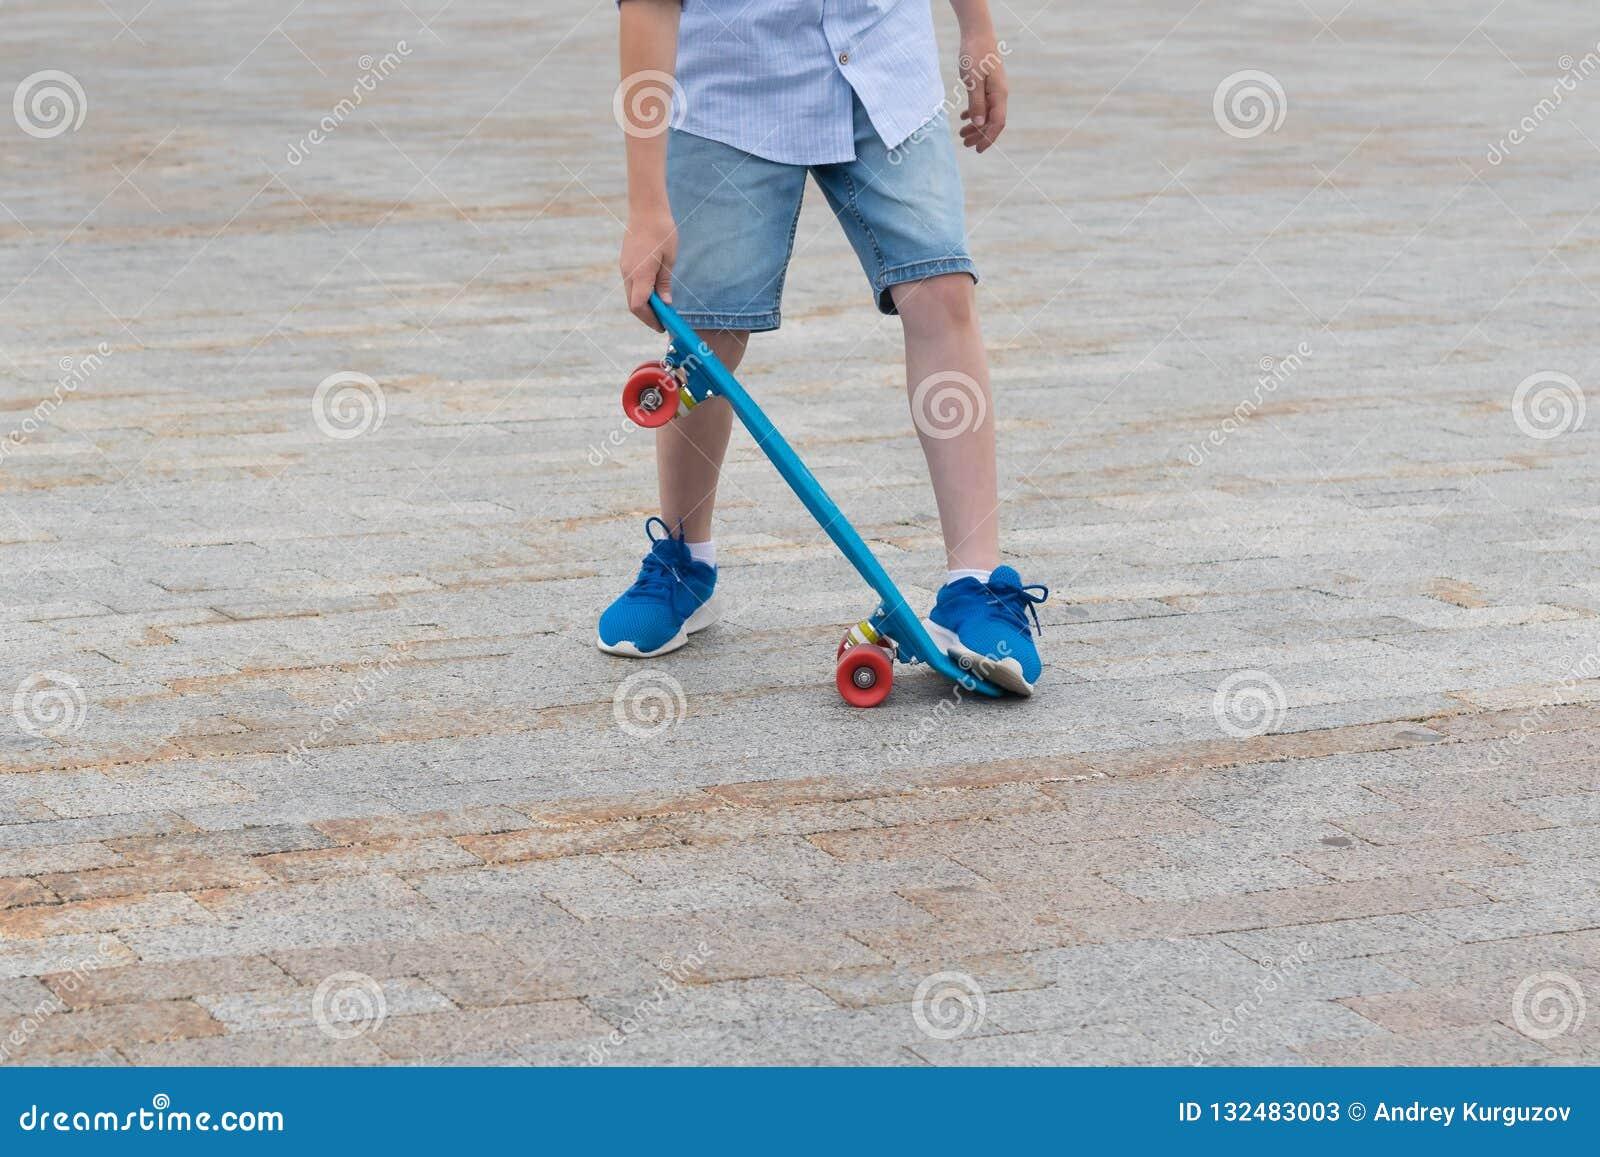 Die Beine Des Jungen Lernen, Ein Skateboard, Nahaufnahme